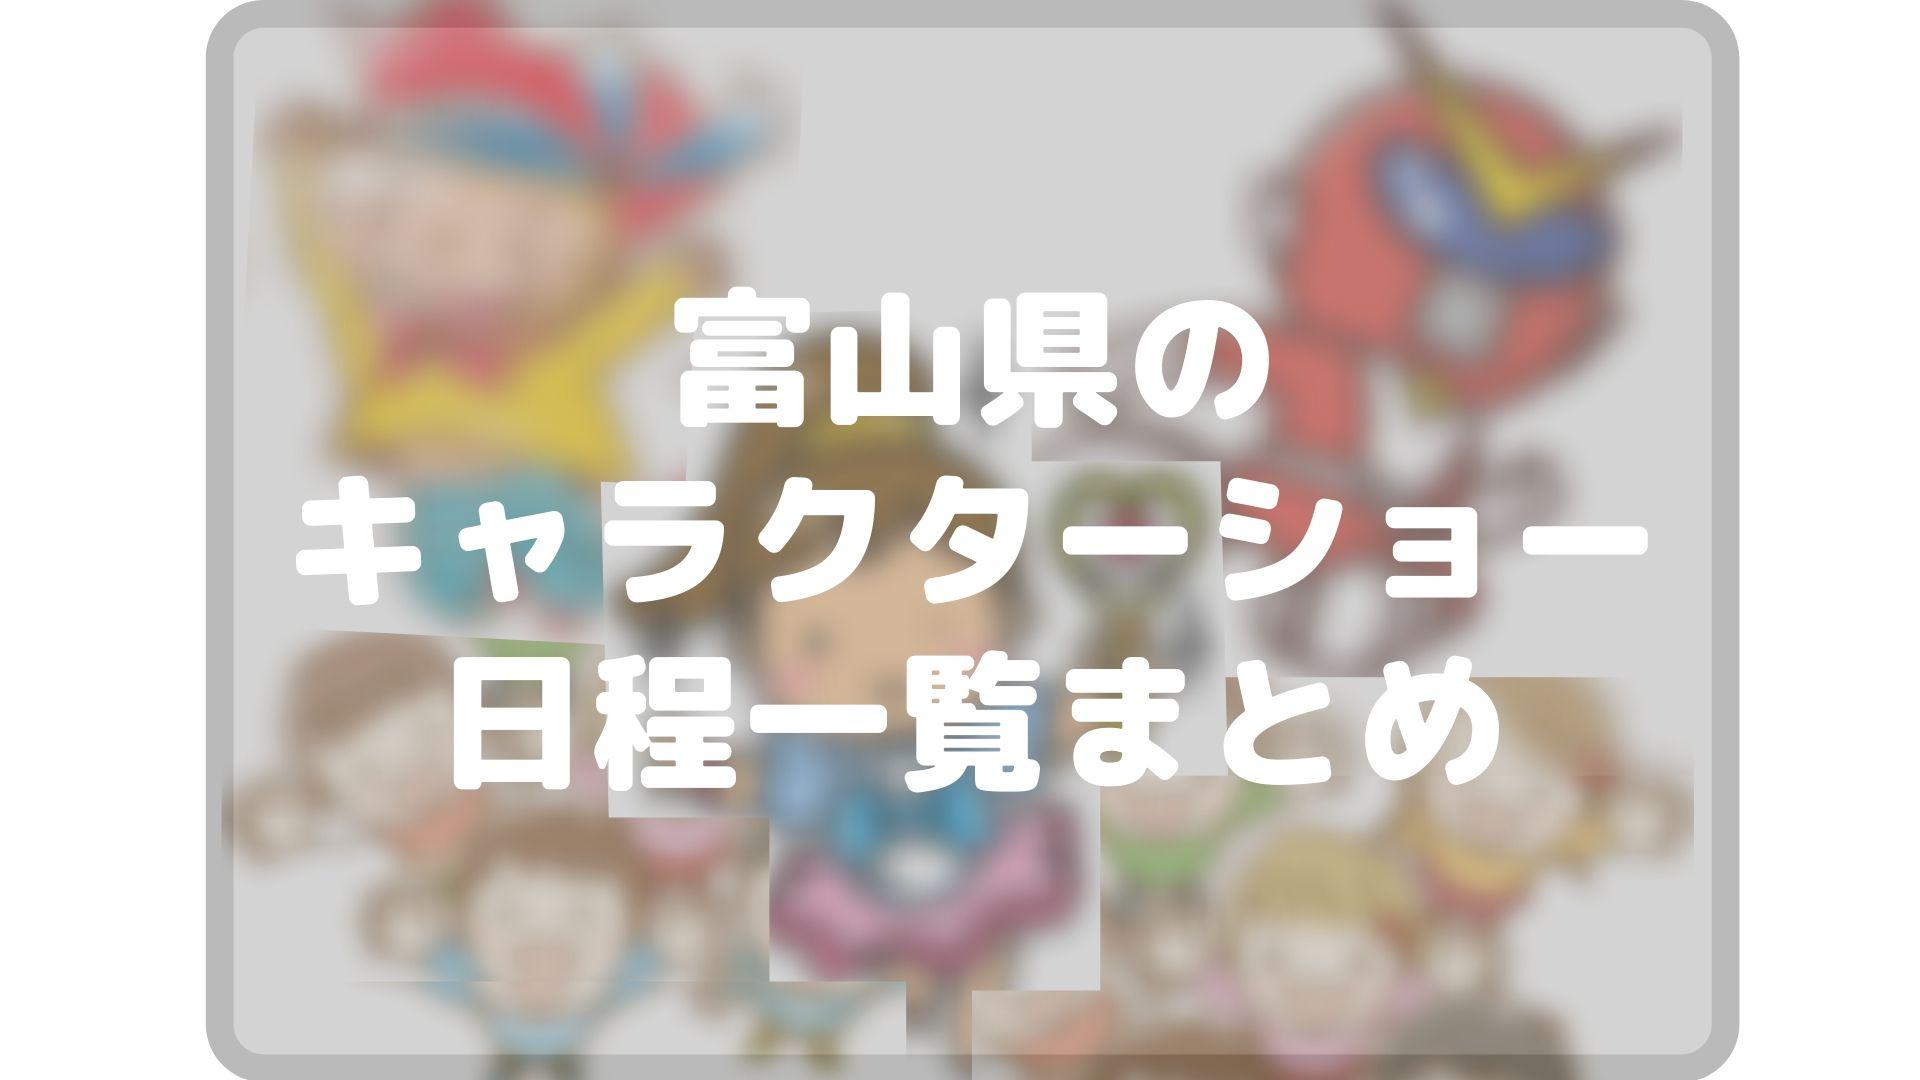 富山県のキャラクターショーまとめタイトル画像